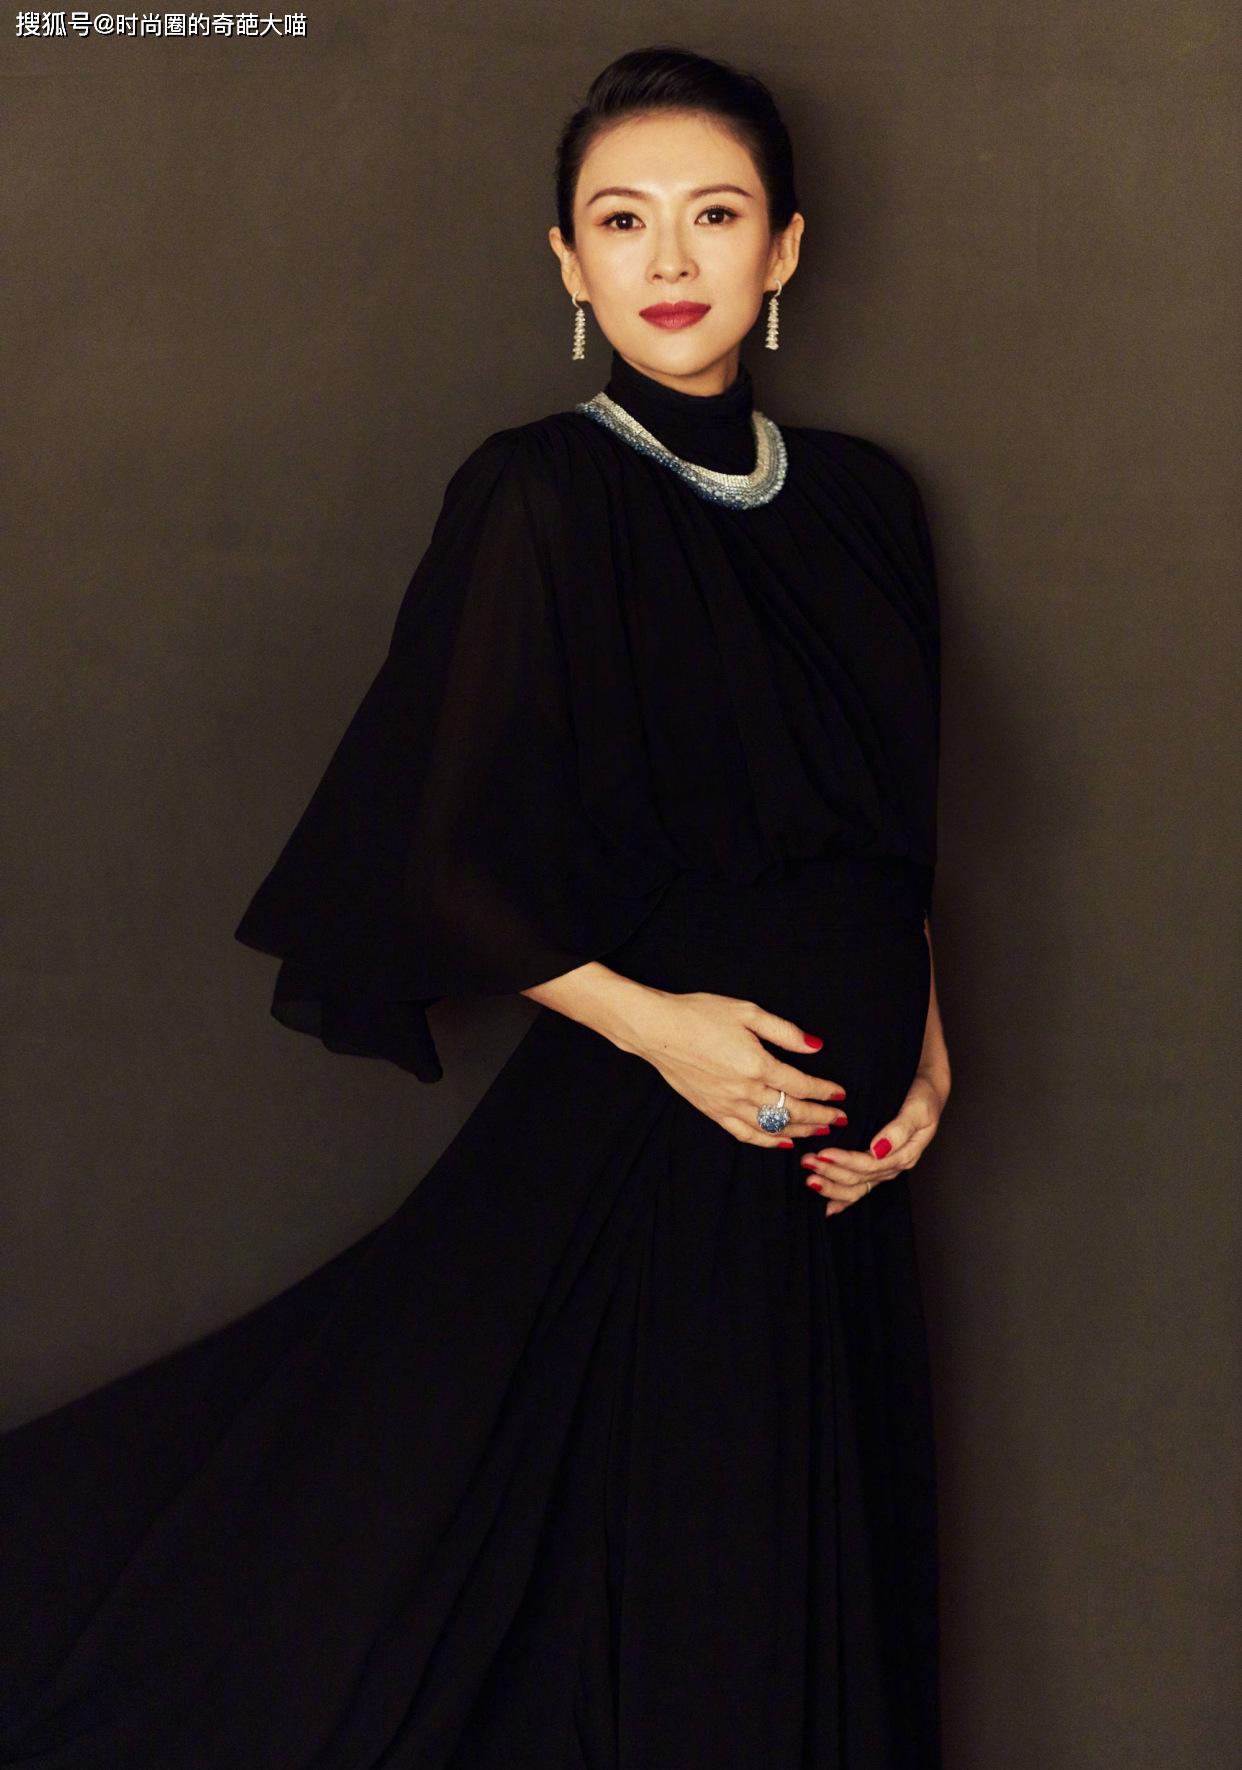 原创孕期照样美美的!章子怡唐艺昕怀孕也精致,打破不能化妆的说法